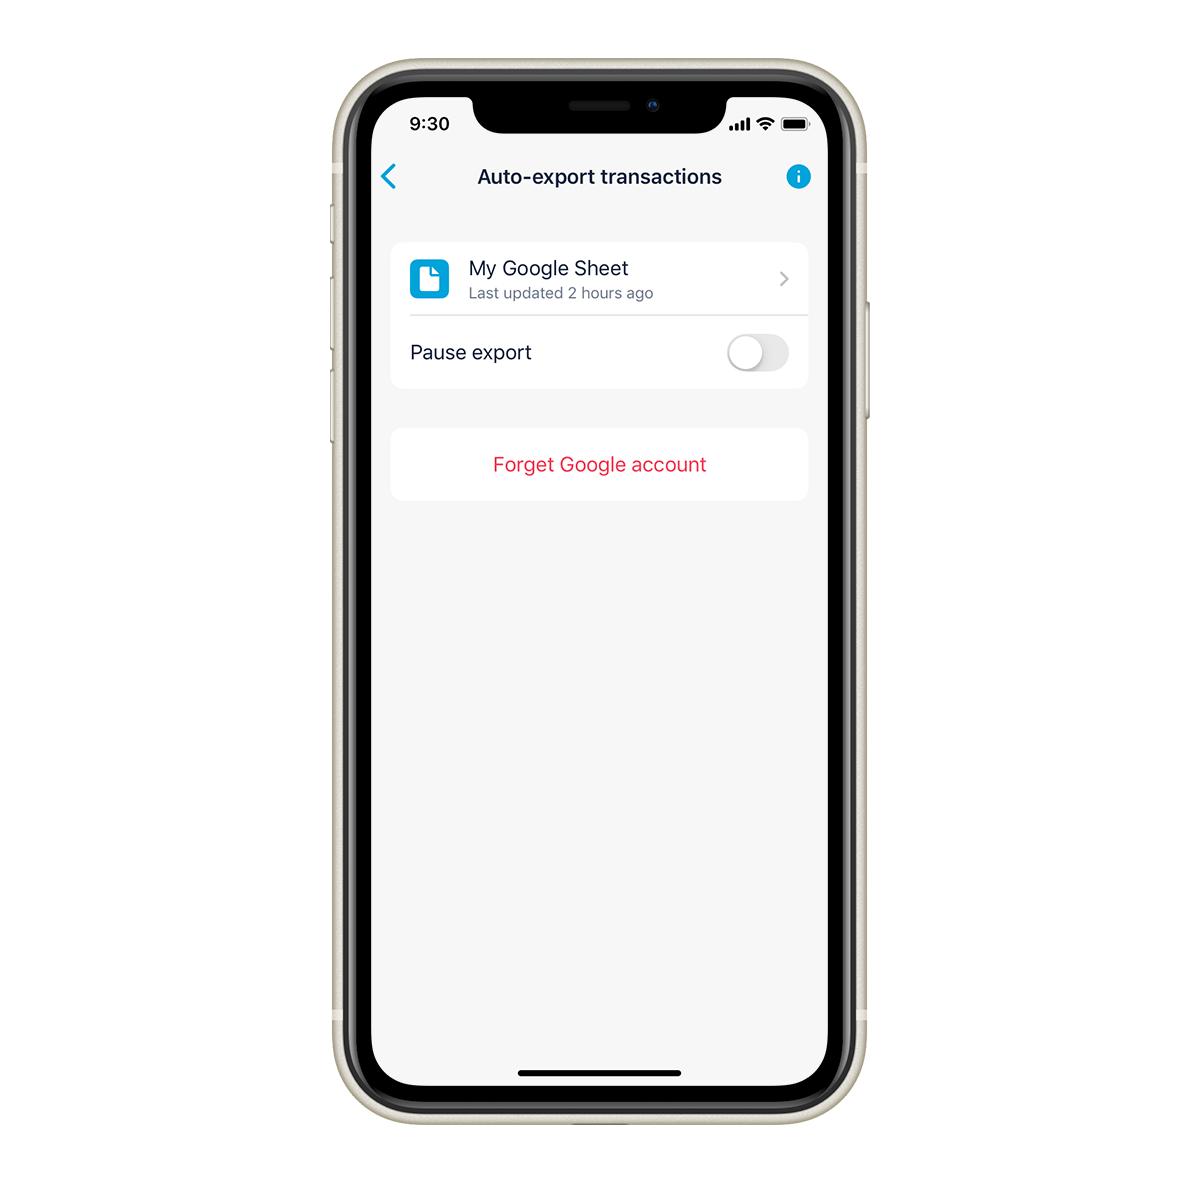 Plus Auto-export iOS 1